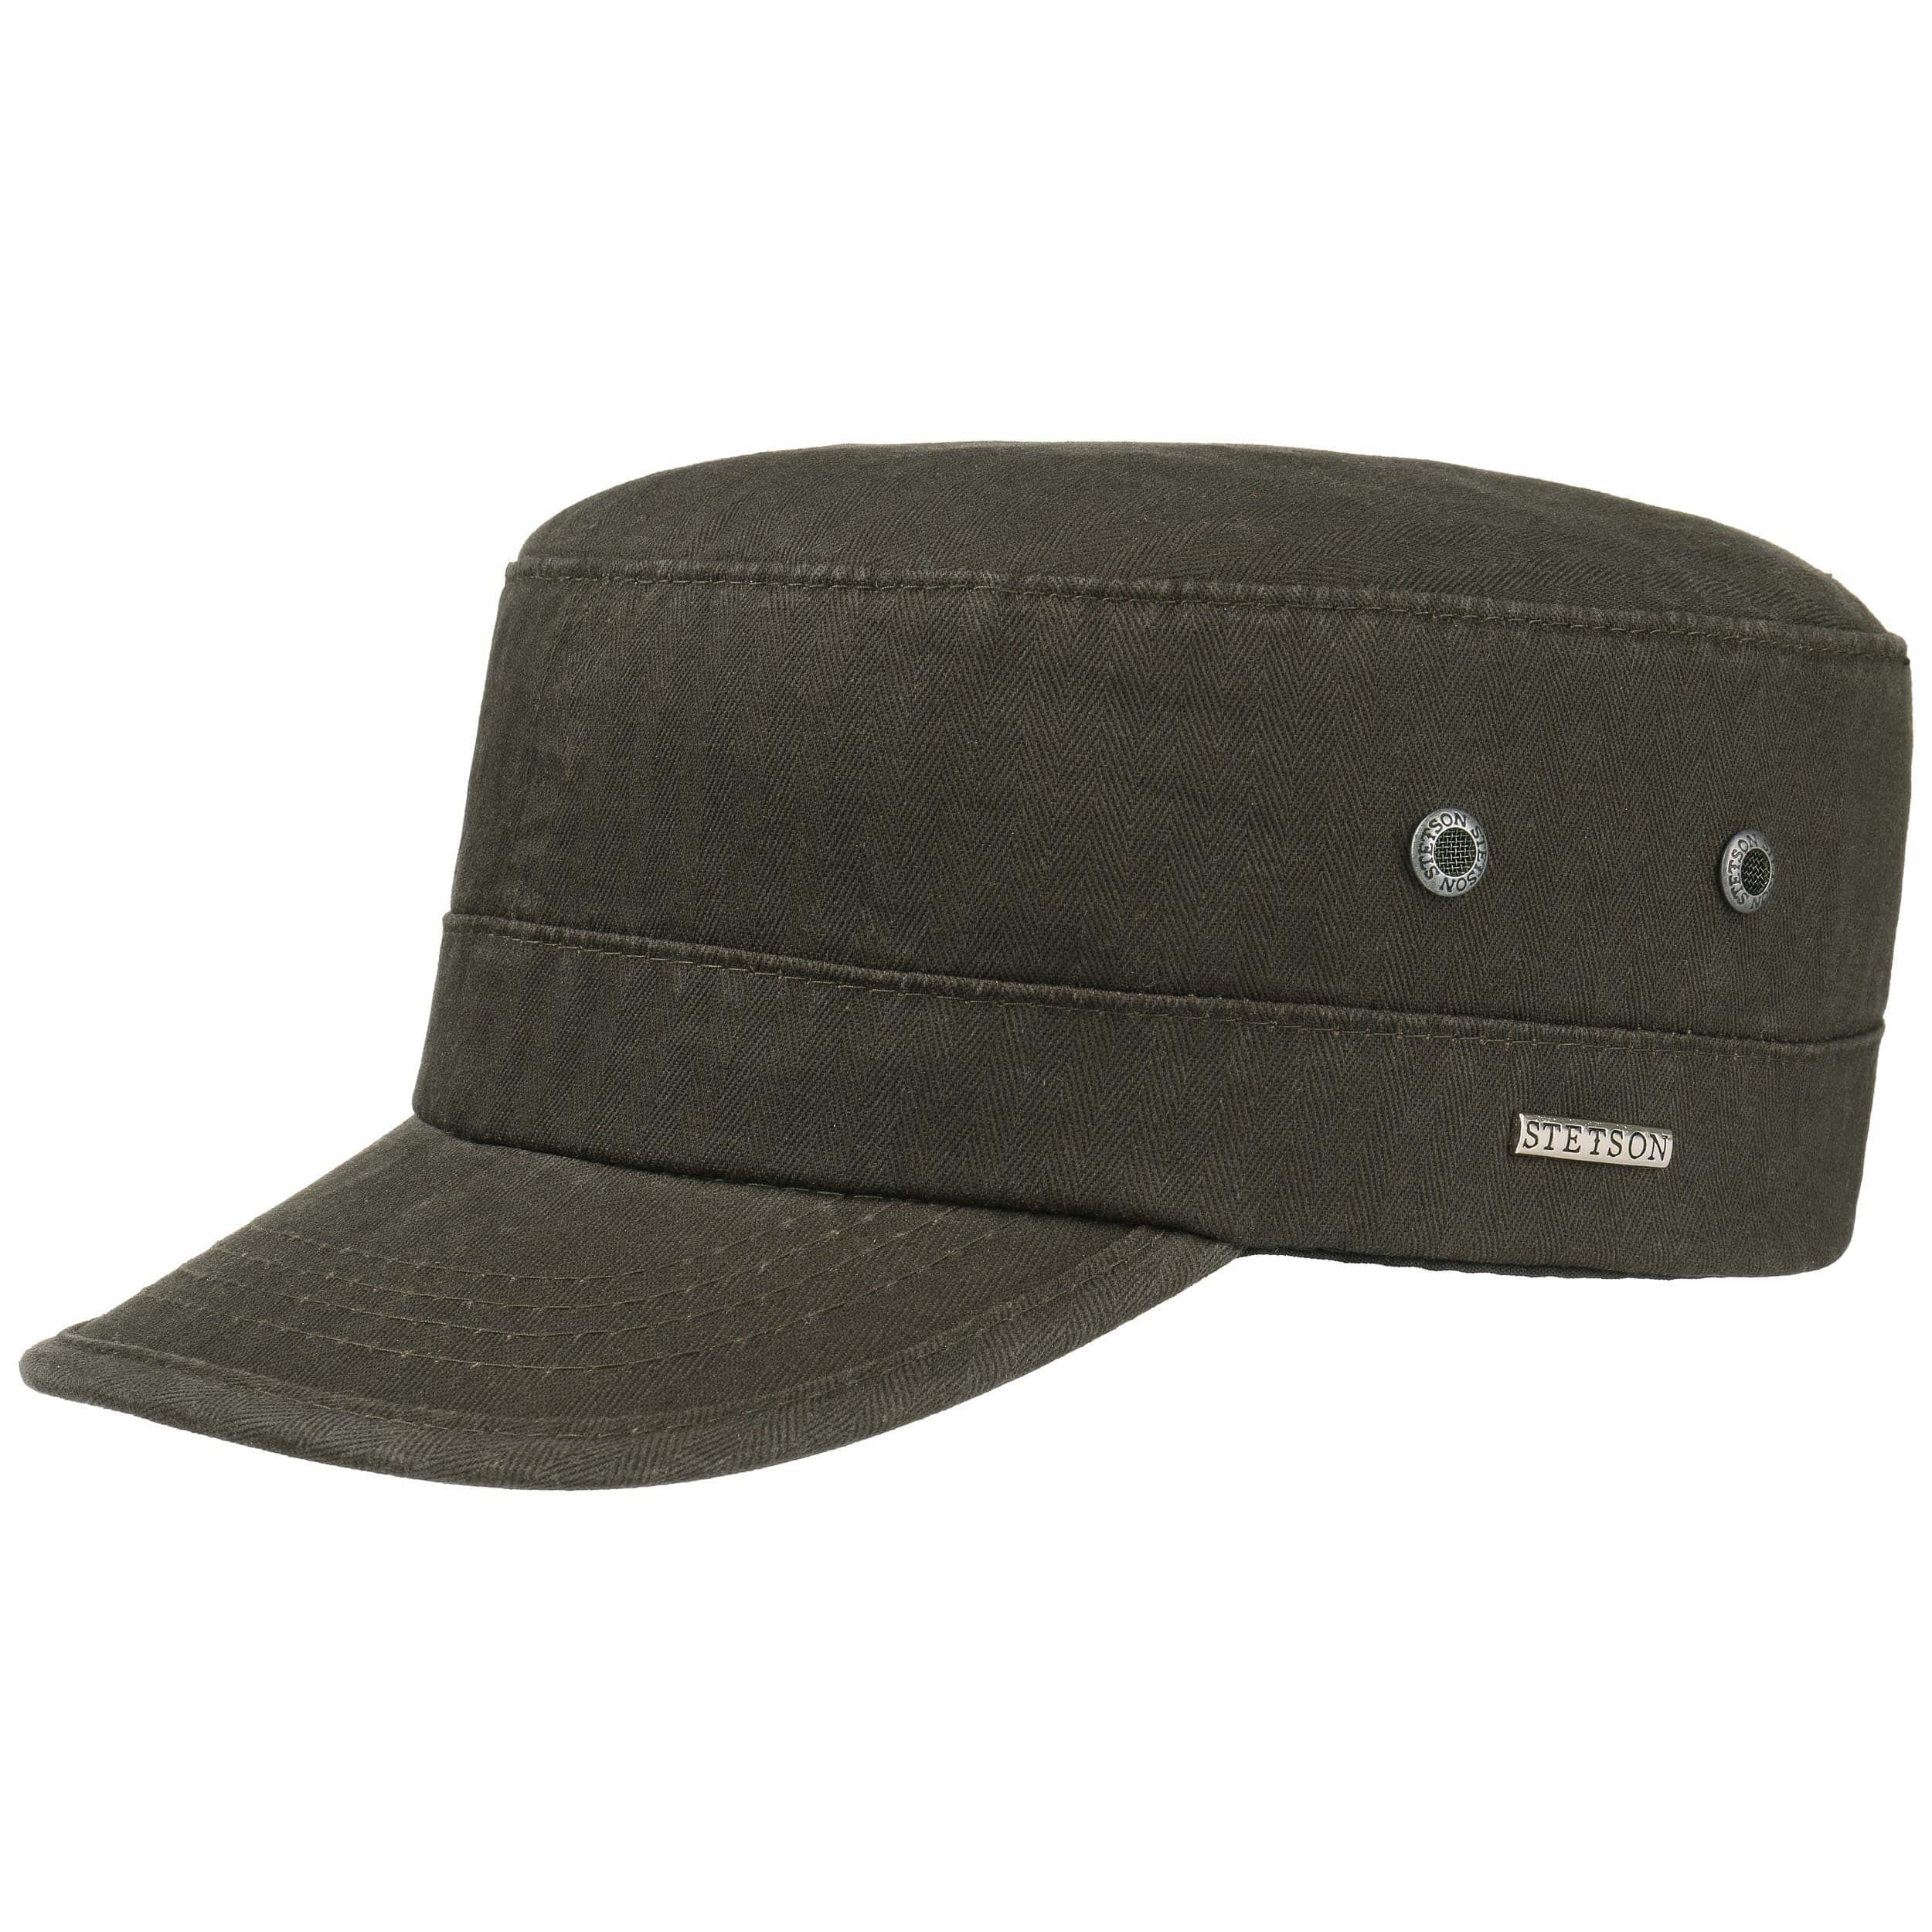 Cotton Army Cap By Stetson Eur 39 00 Gt Hats Caps